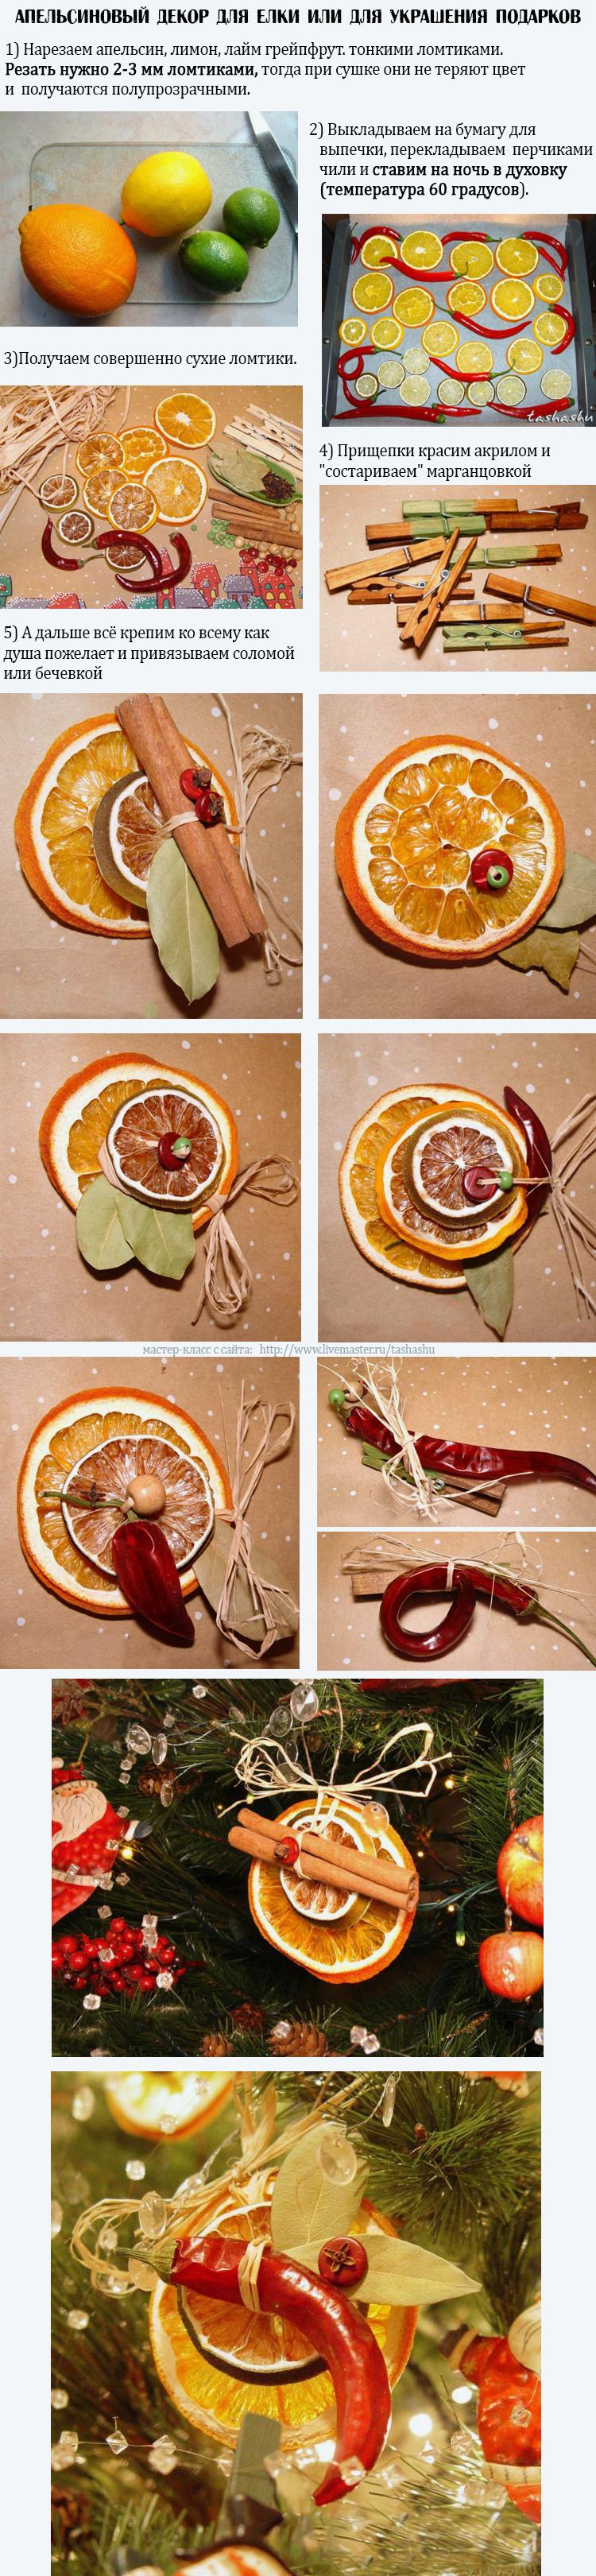 апельсиновый декор на новый год